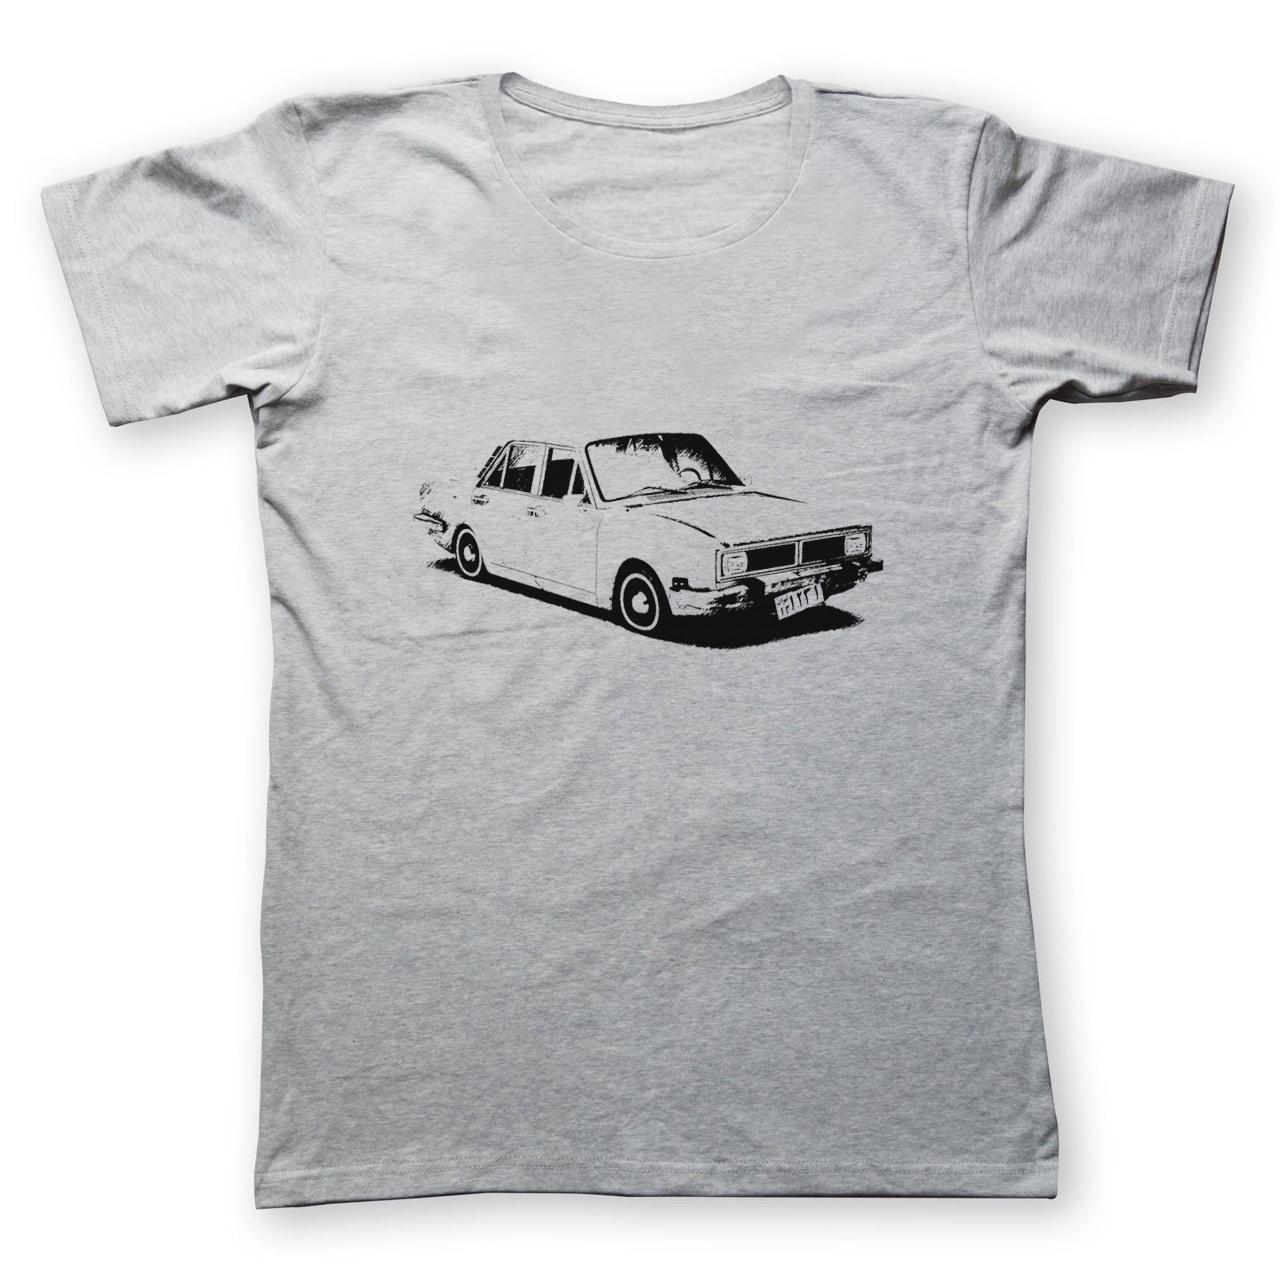 تی شرت مردانه به رسم طرح پیکان کد 2216